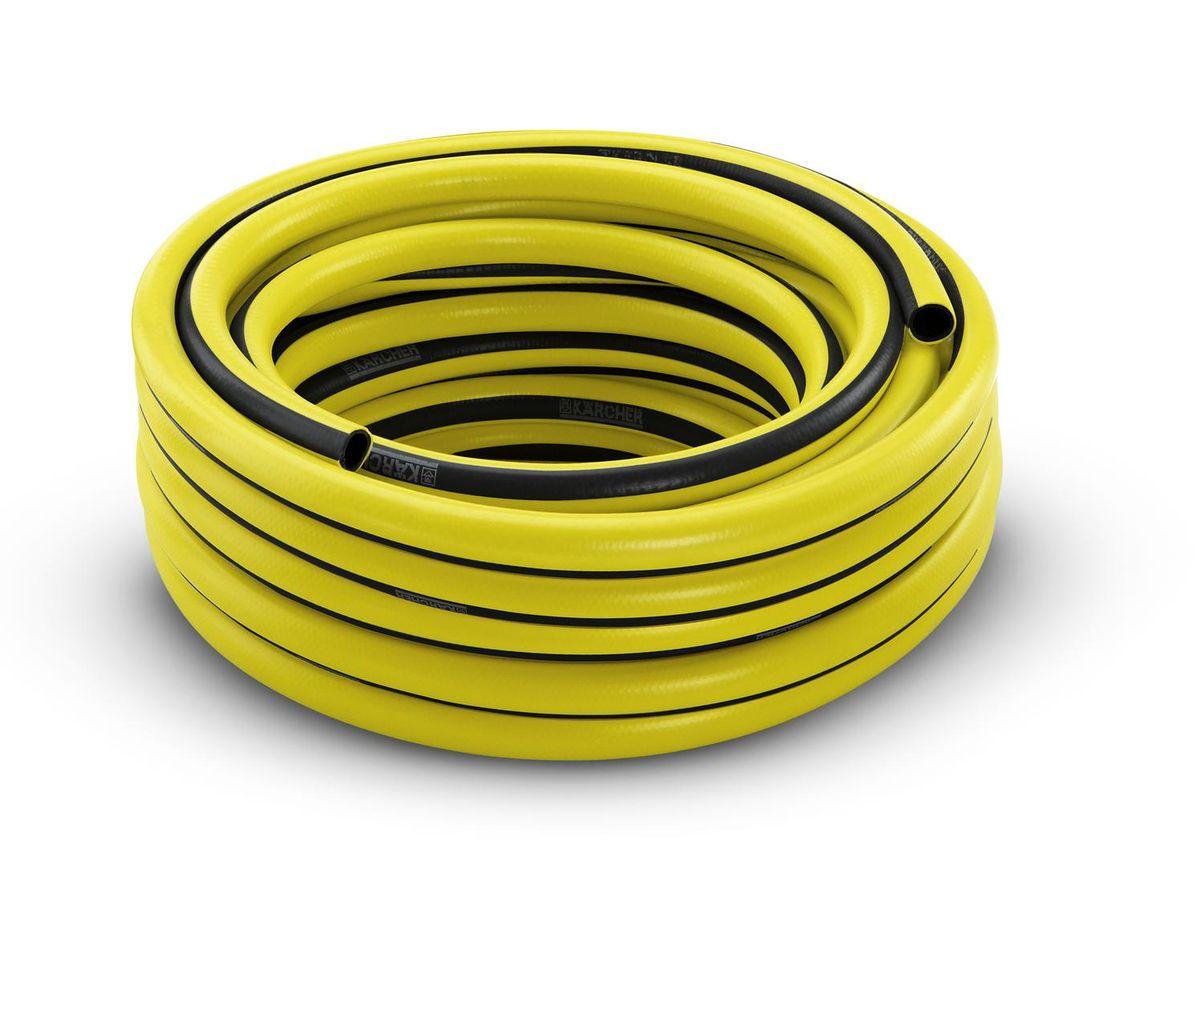 Шланг Karcher PrimoFlex, 3/4, 25 м. 2.645-142.02.645-142.0Шланг PrimoFlex Karcher 2.645-142 предназначен для подведения воды к месту полива. При обычном повседневном использовании в саду прослужит не менее 12 лет. Он армирован специальным материалом, выдерживающим давление до 24 бар, устойчив к УФ-излучению и температурам до +65°С. Прочен, безопасен за счет отсутствия в составе кадмия, бария и свинца, вредных веществ, фталатов и вторичного сырья. Шланг устойчив к перегибам. Имеет 3-х слойное изготовление. Промежуточный слой является светонепроницаемым и предотвращает рост водорослей в шланге. Удобен в обращении, стоек к воздействиям внешней среды. Шланг крепится к крану с помощью штуцера. Штуцер приобретается отдельно. Диаметр 3/4 дюйма. Максимальное давление: 24 бар. Рабочая температура: от -20°С до +65°С.